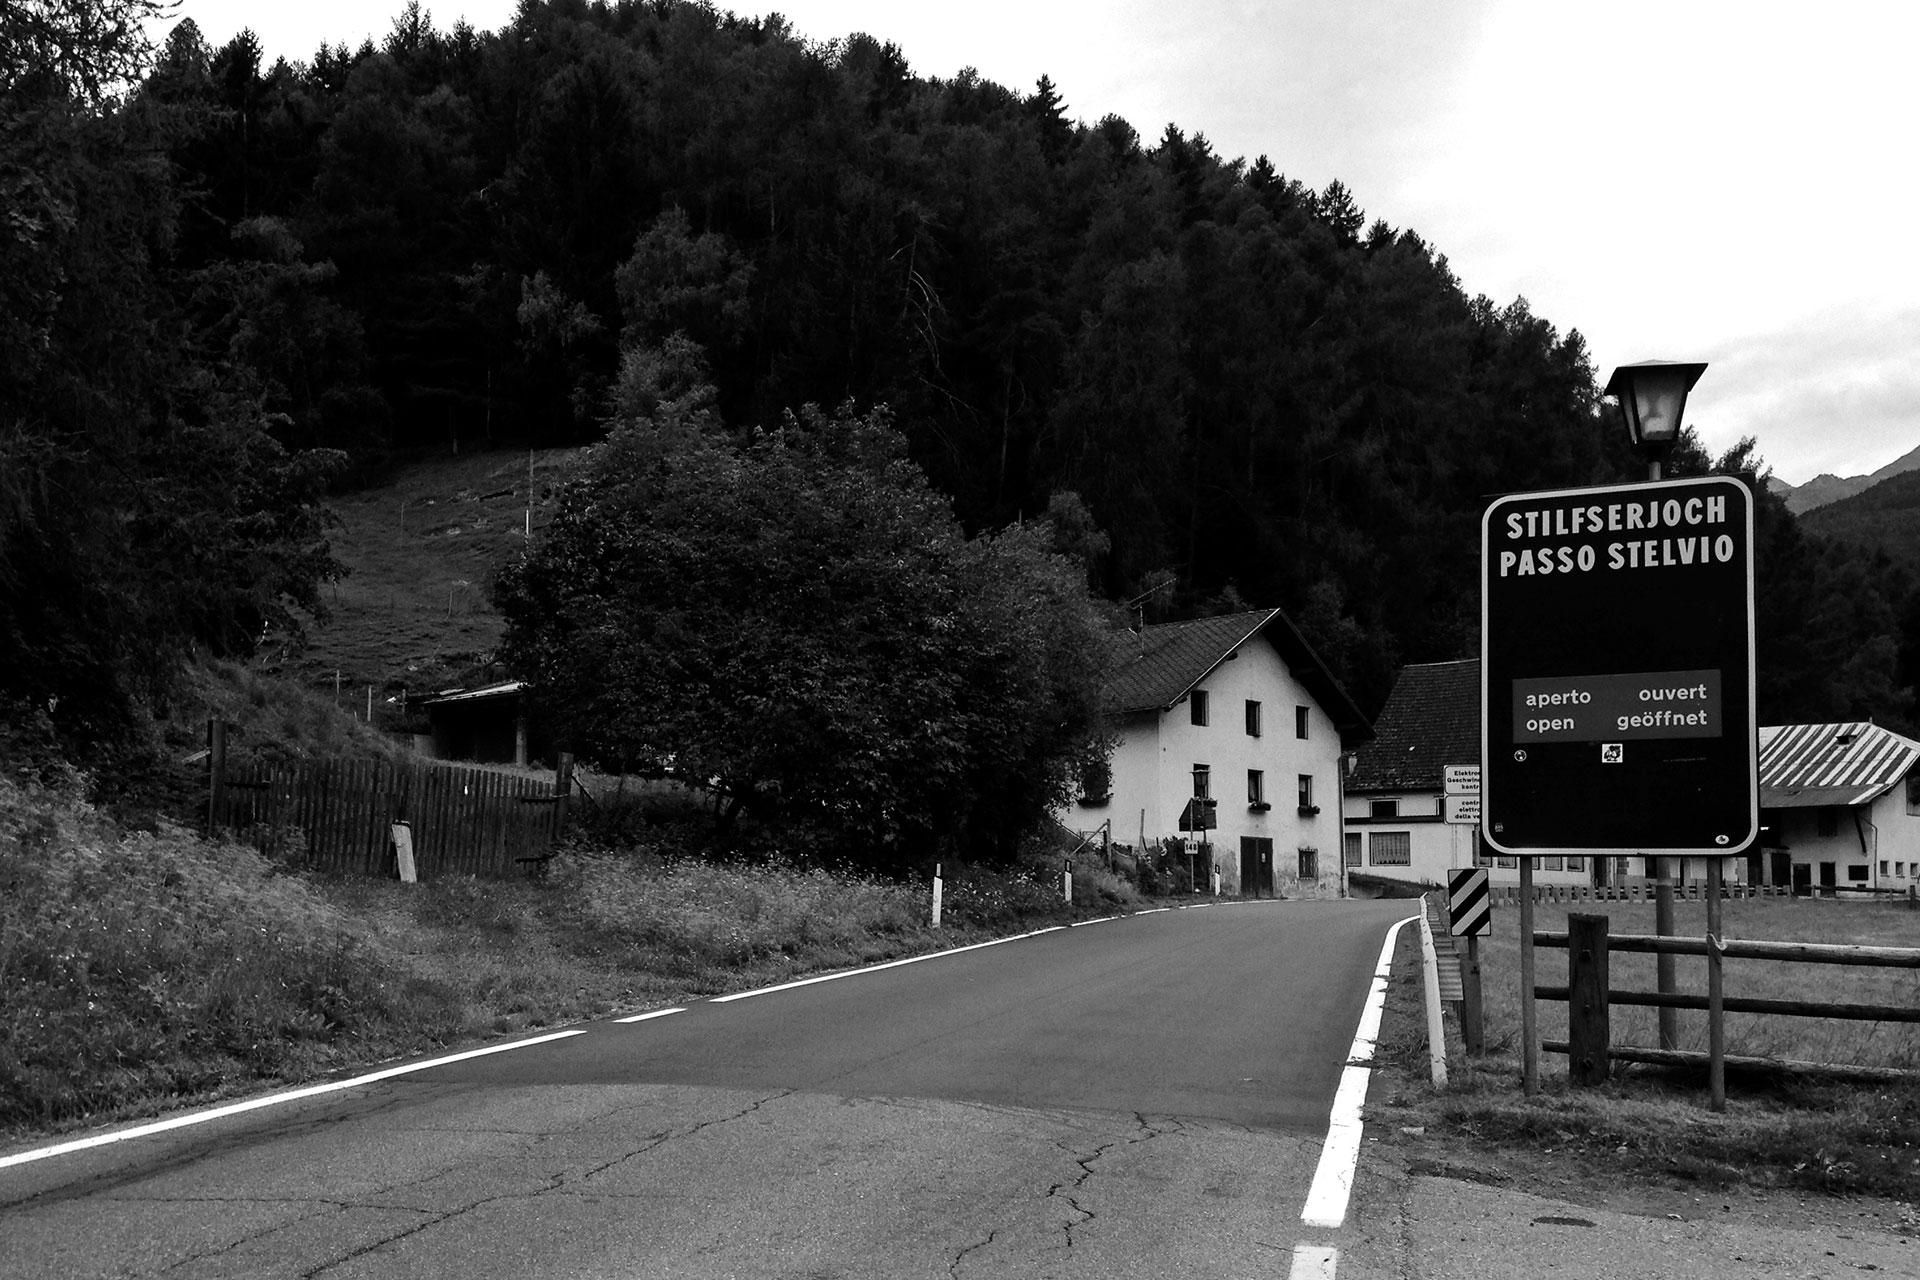 DAS STILFSER JOCH 48 Kehren in Fels gemeisselt / Schon in Prad beginnt der Anstie zum Stilfser Joch © stefandrexl.de